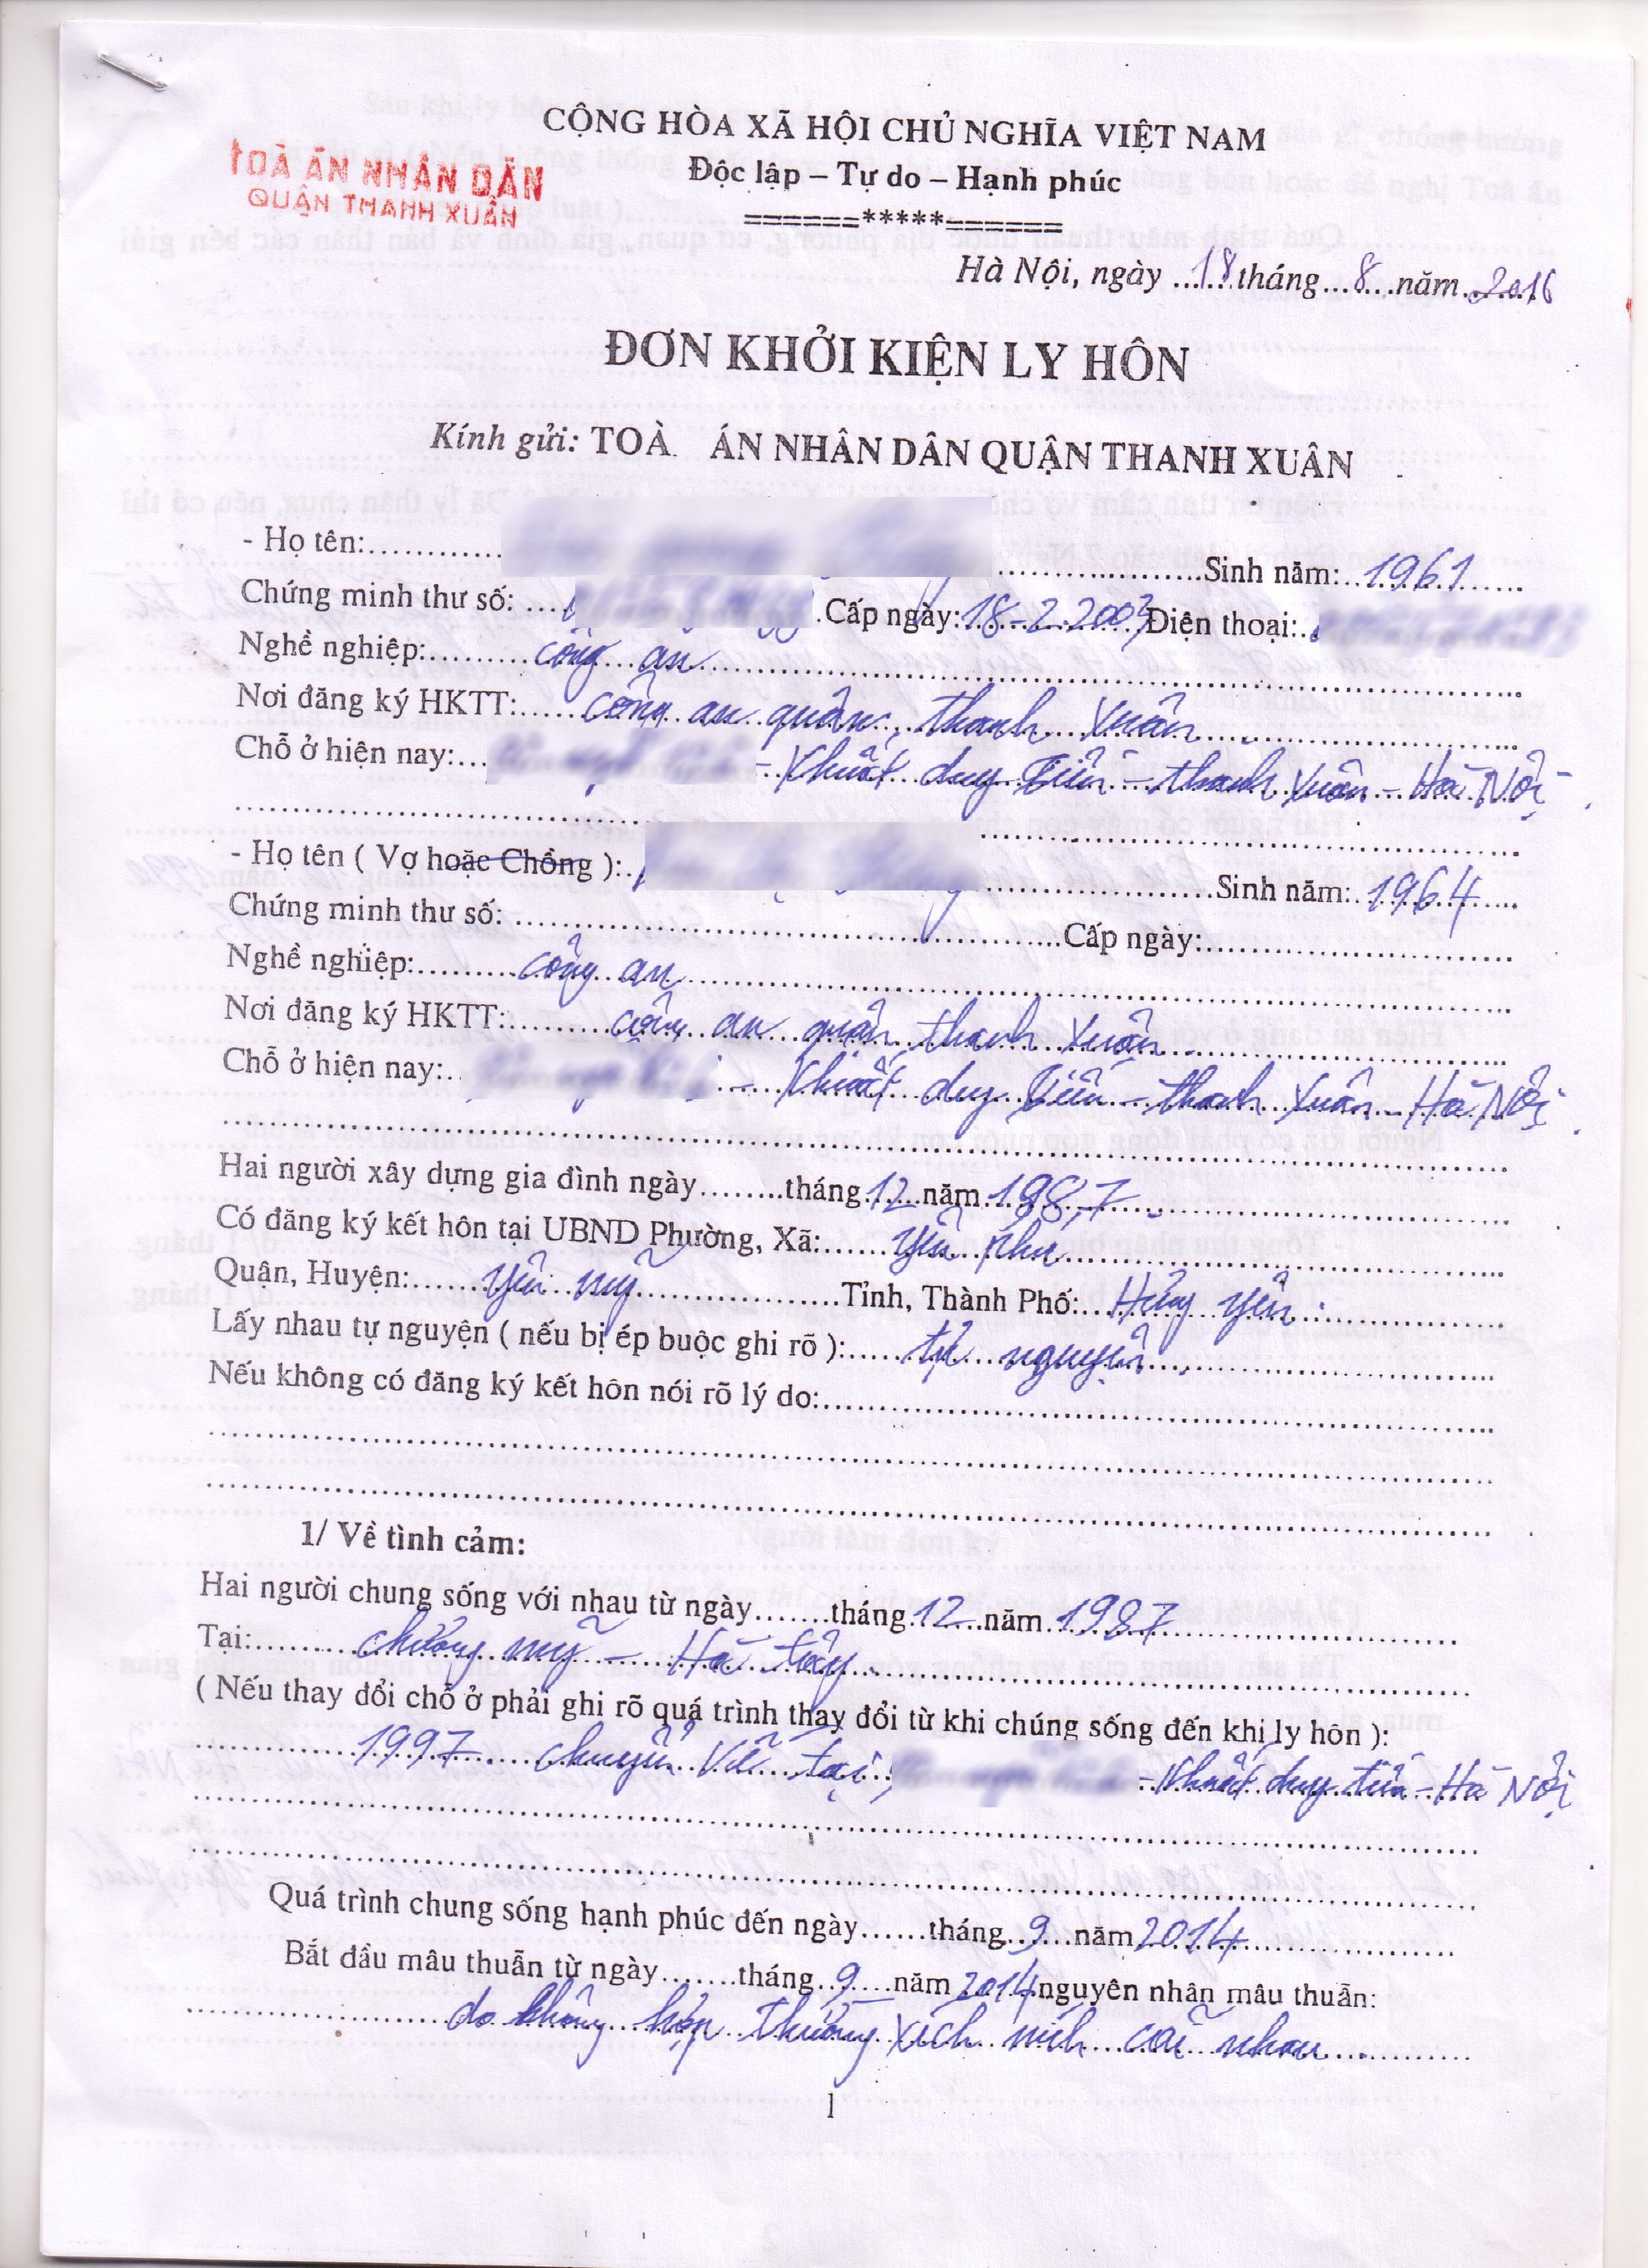 Dịch vụ viết đơn ly hôn tại quận Thanh Xuân – Luật Toàn Quốc